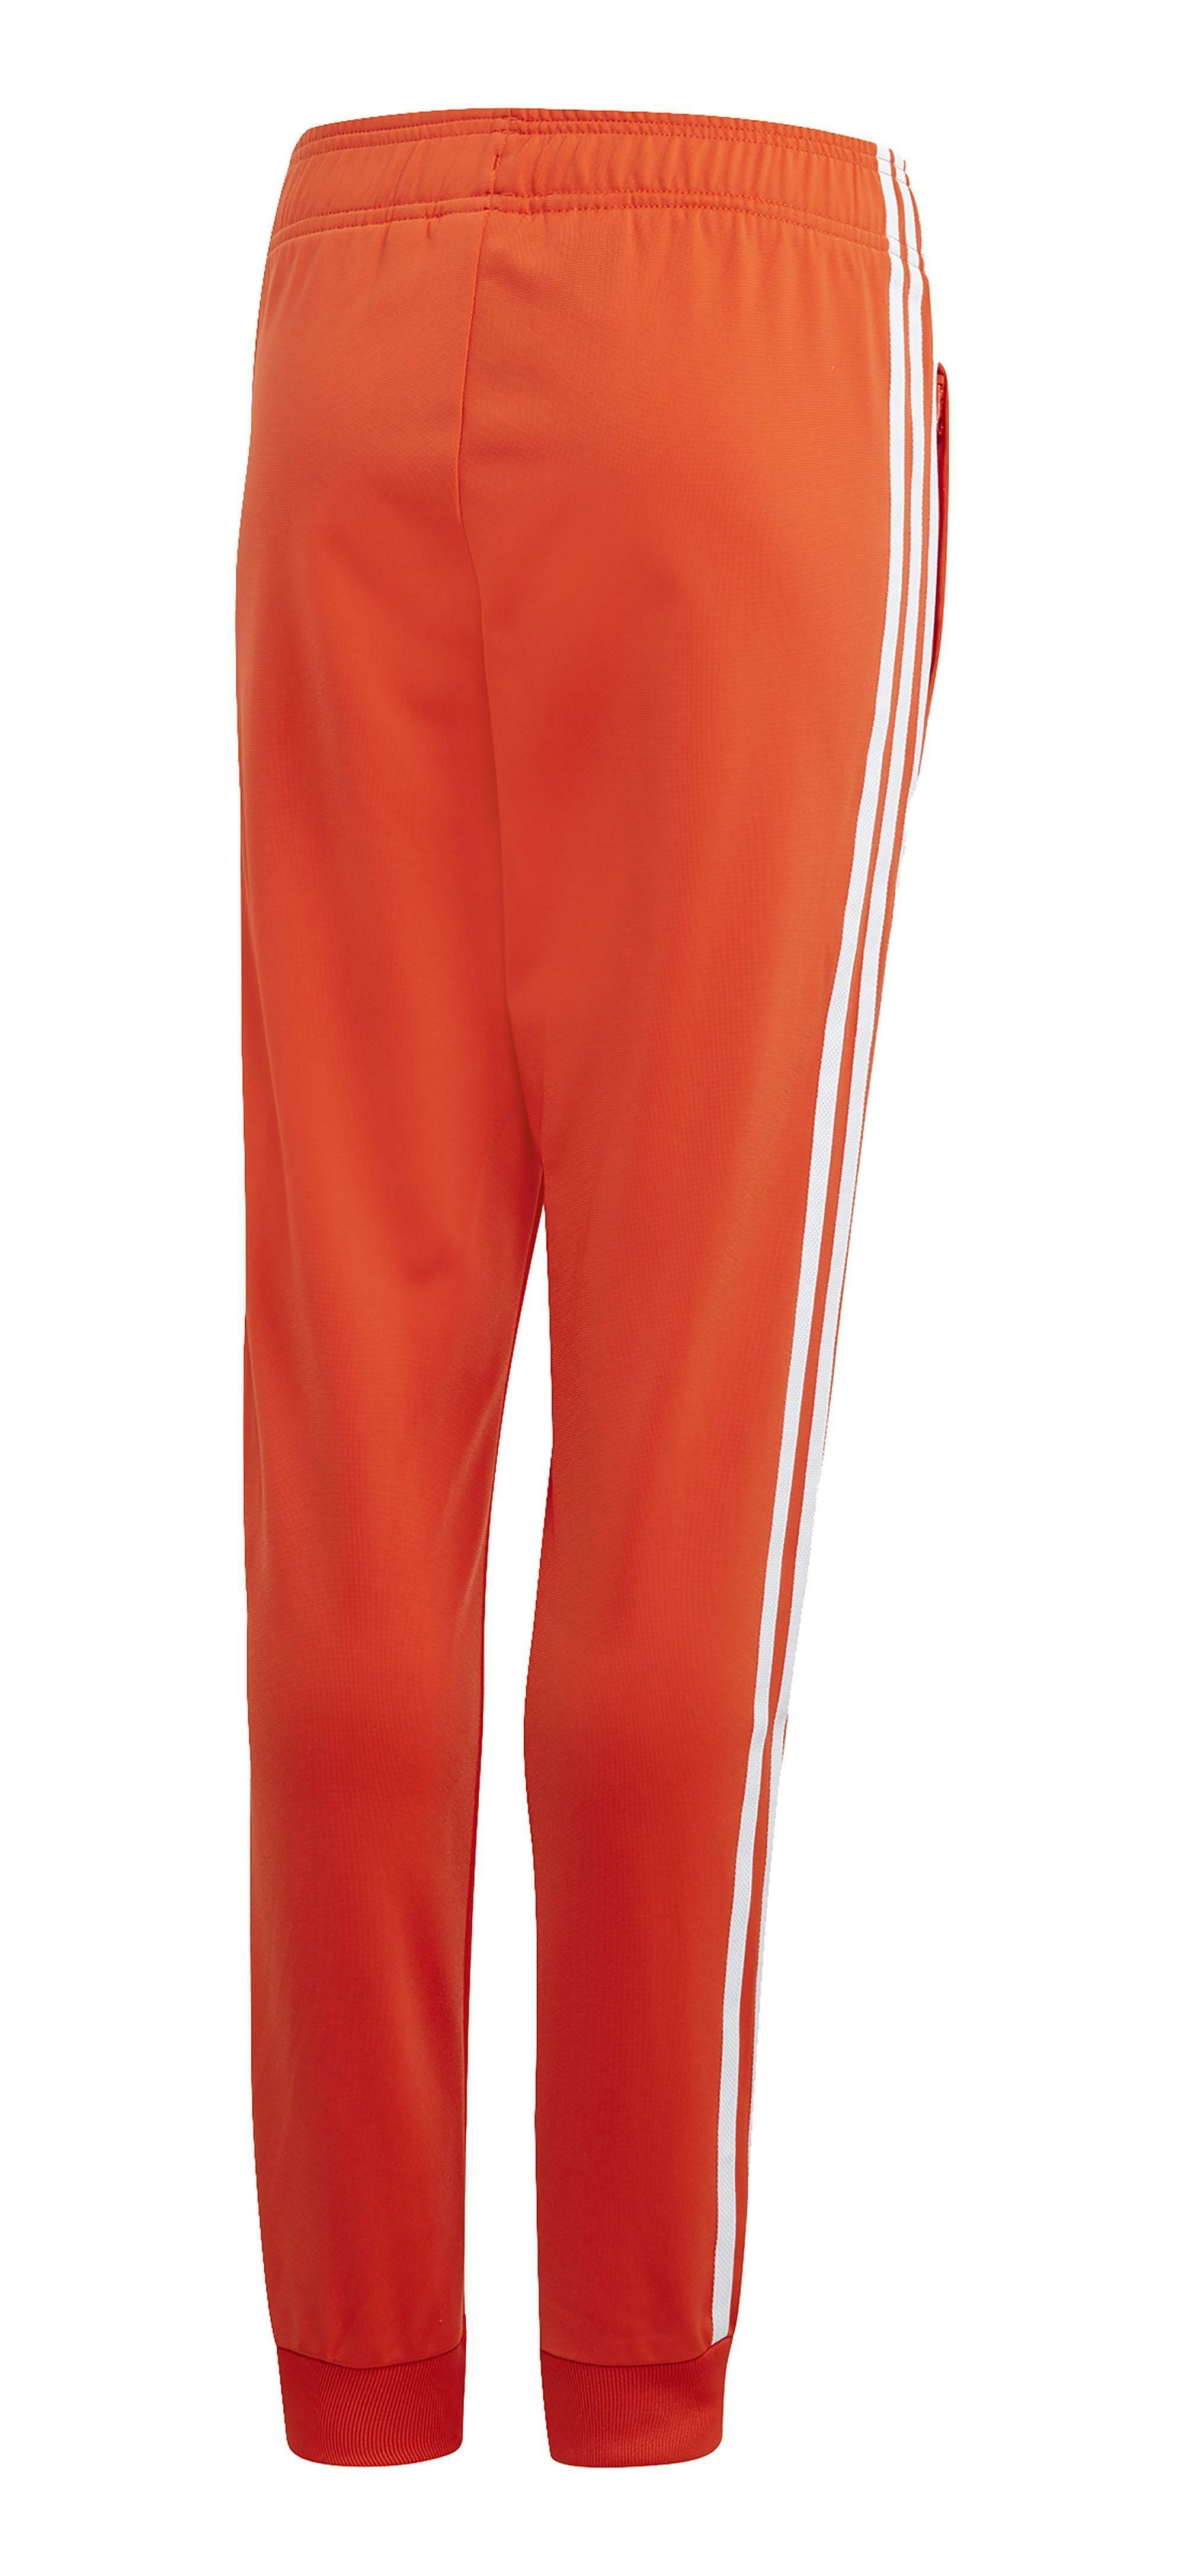 adidas superstar pantalone bambino arancione dv2881